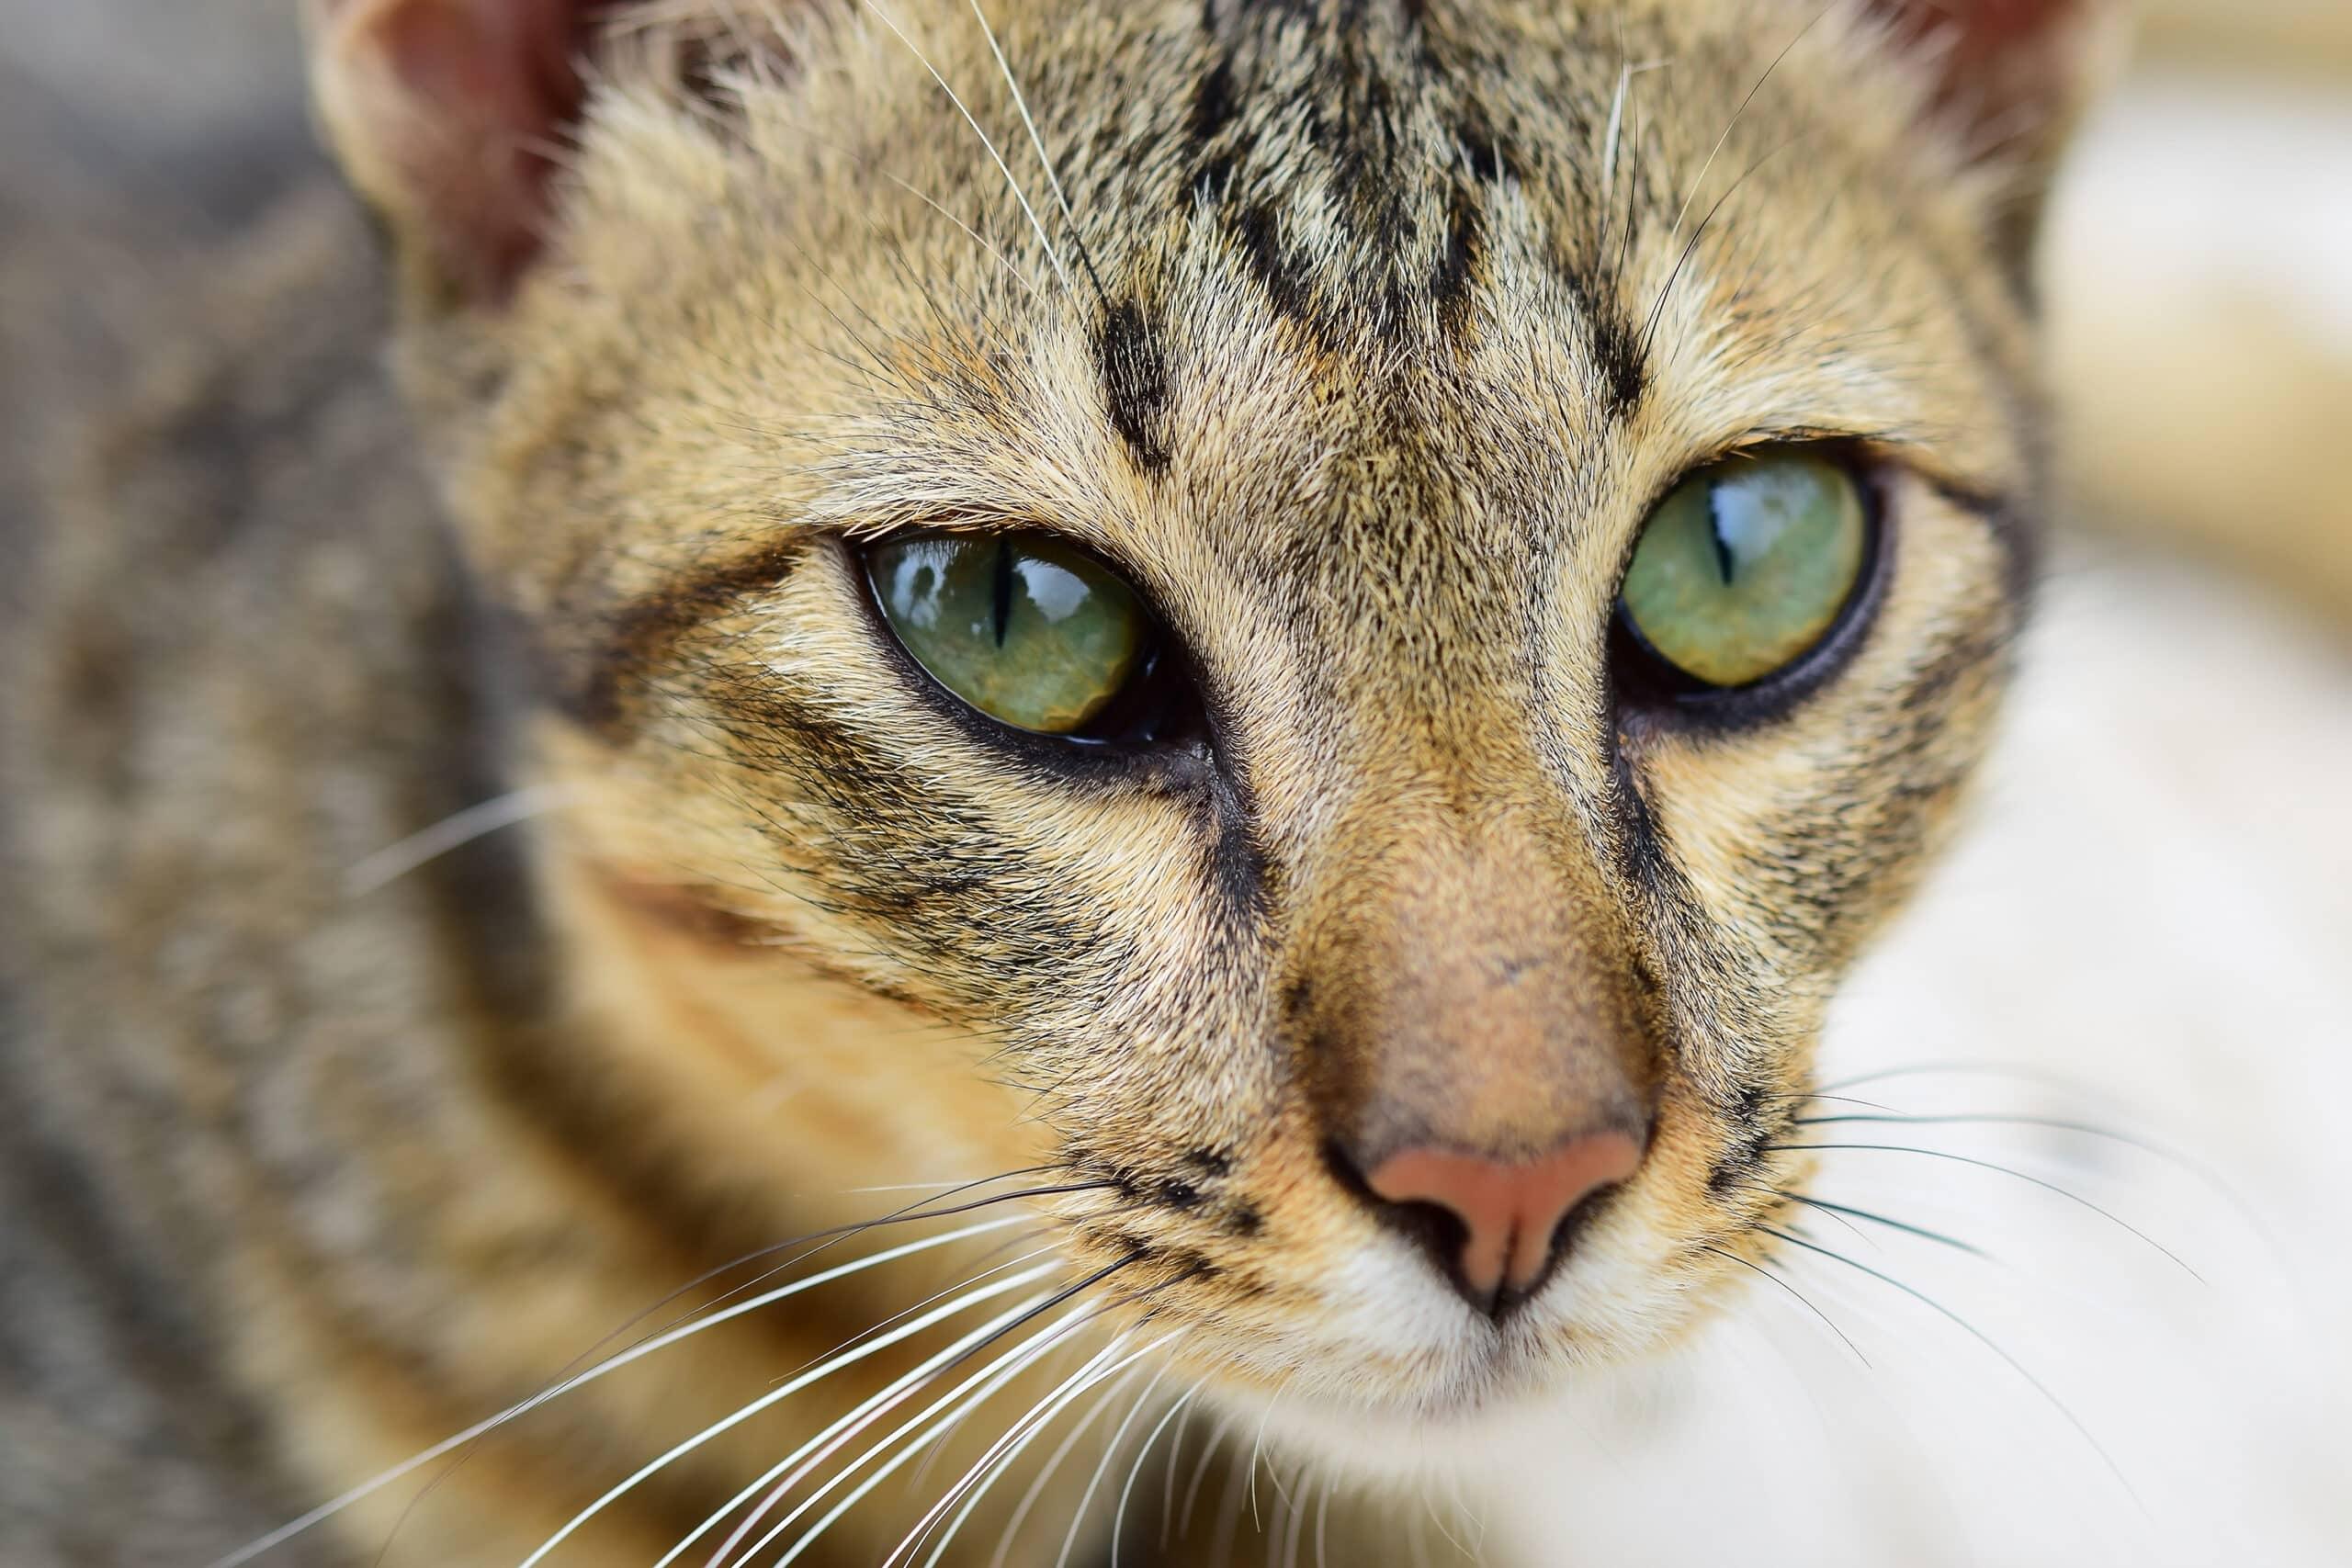 Qu'est-ce qui donne les vers au chat?